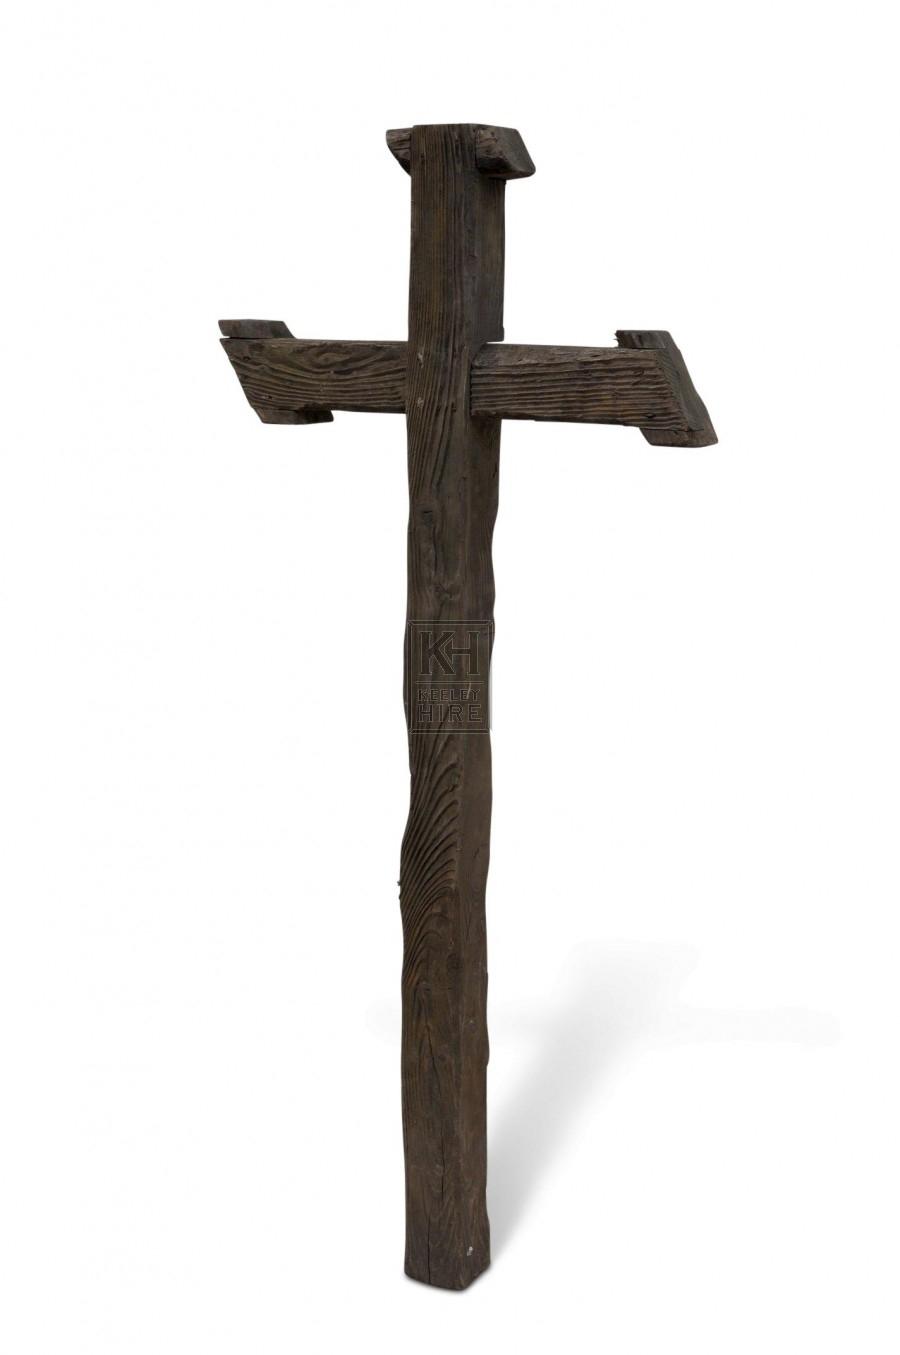 Wooden Cross - Rustic